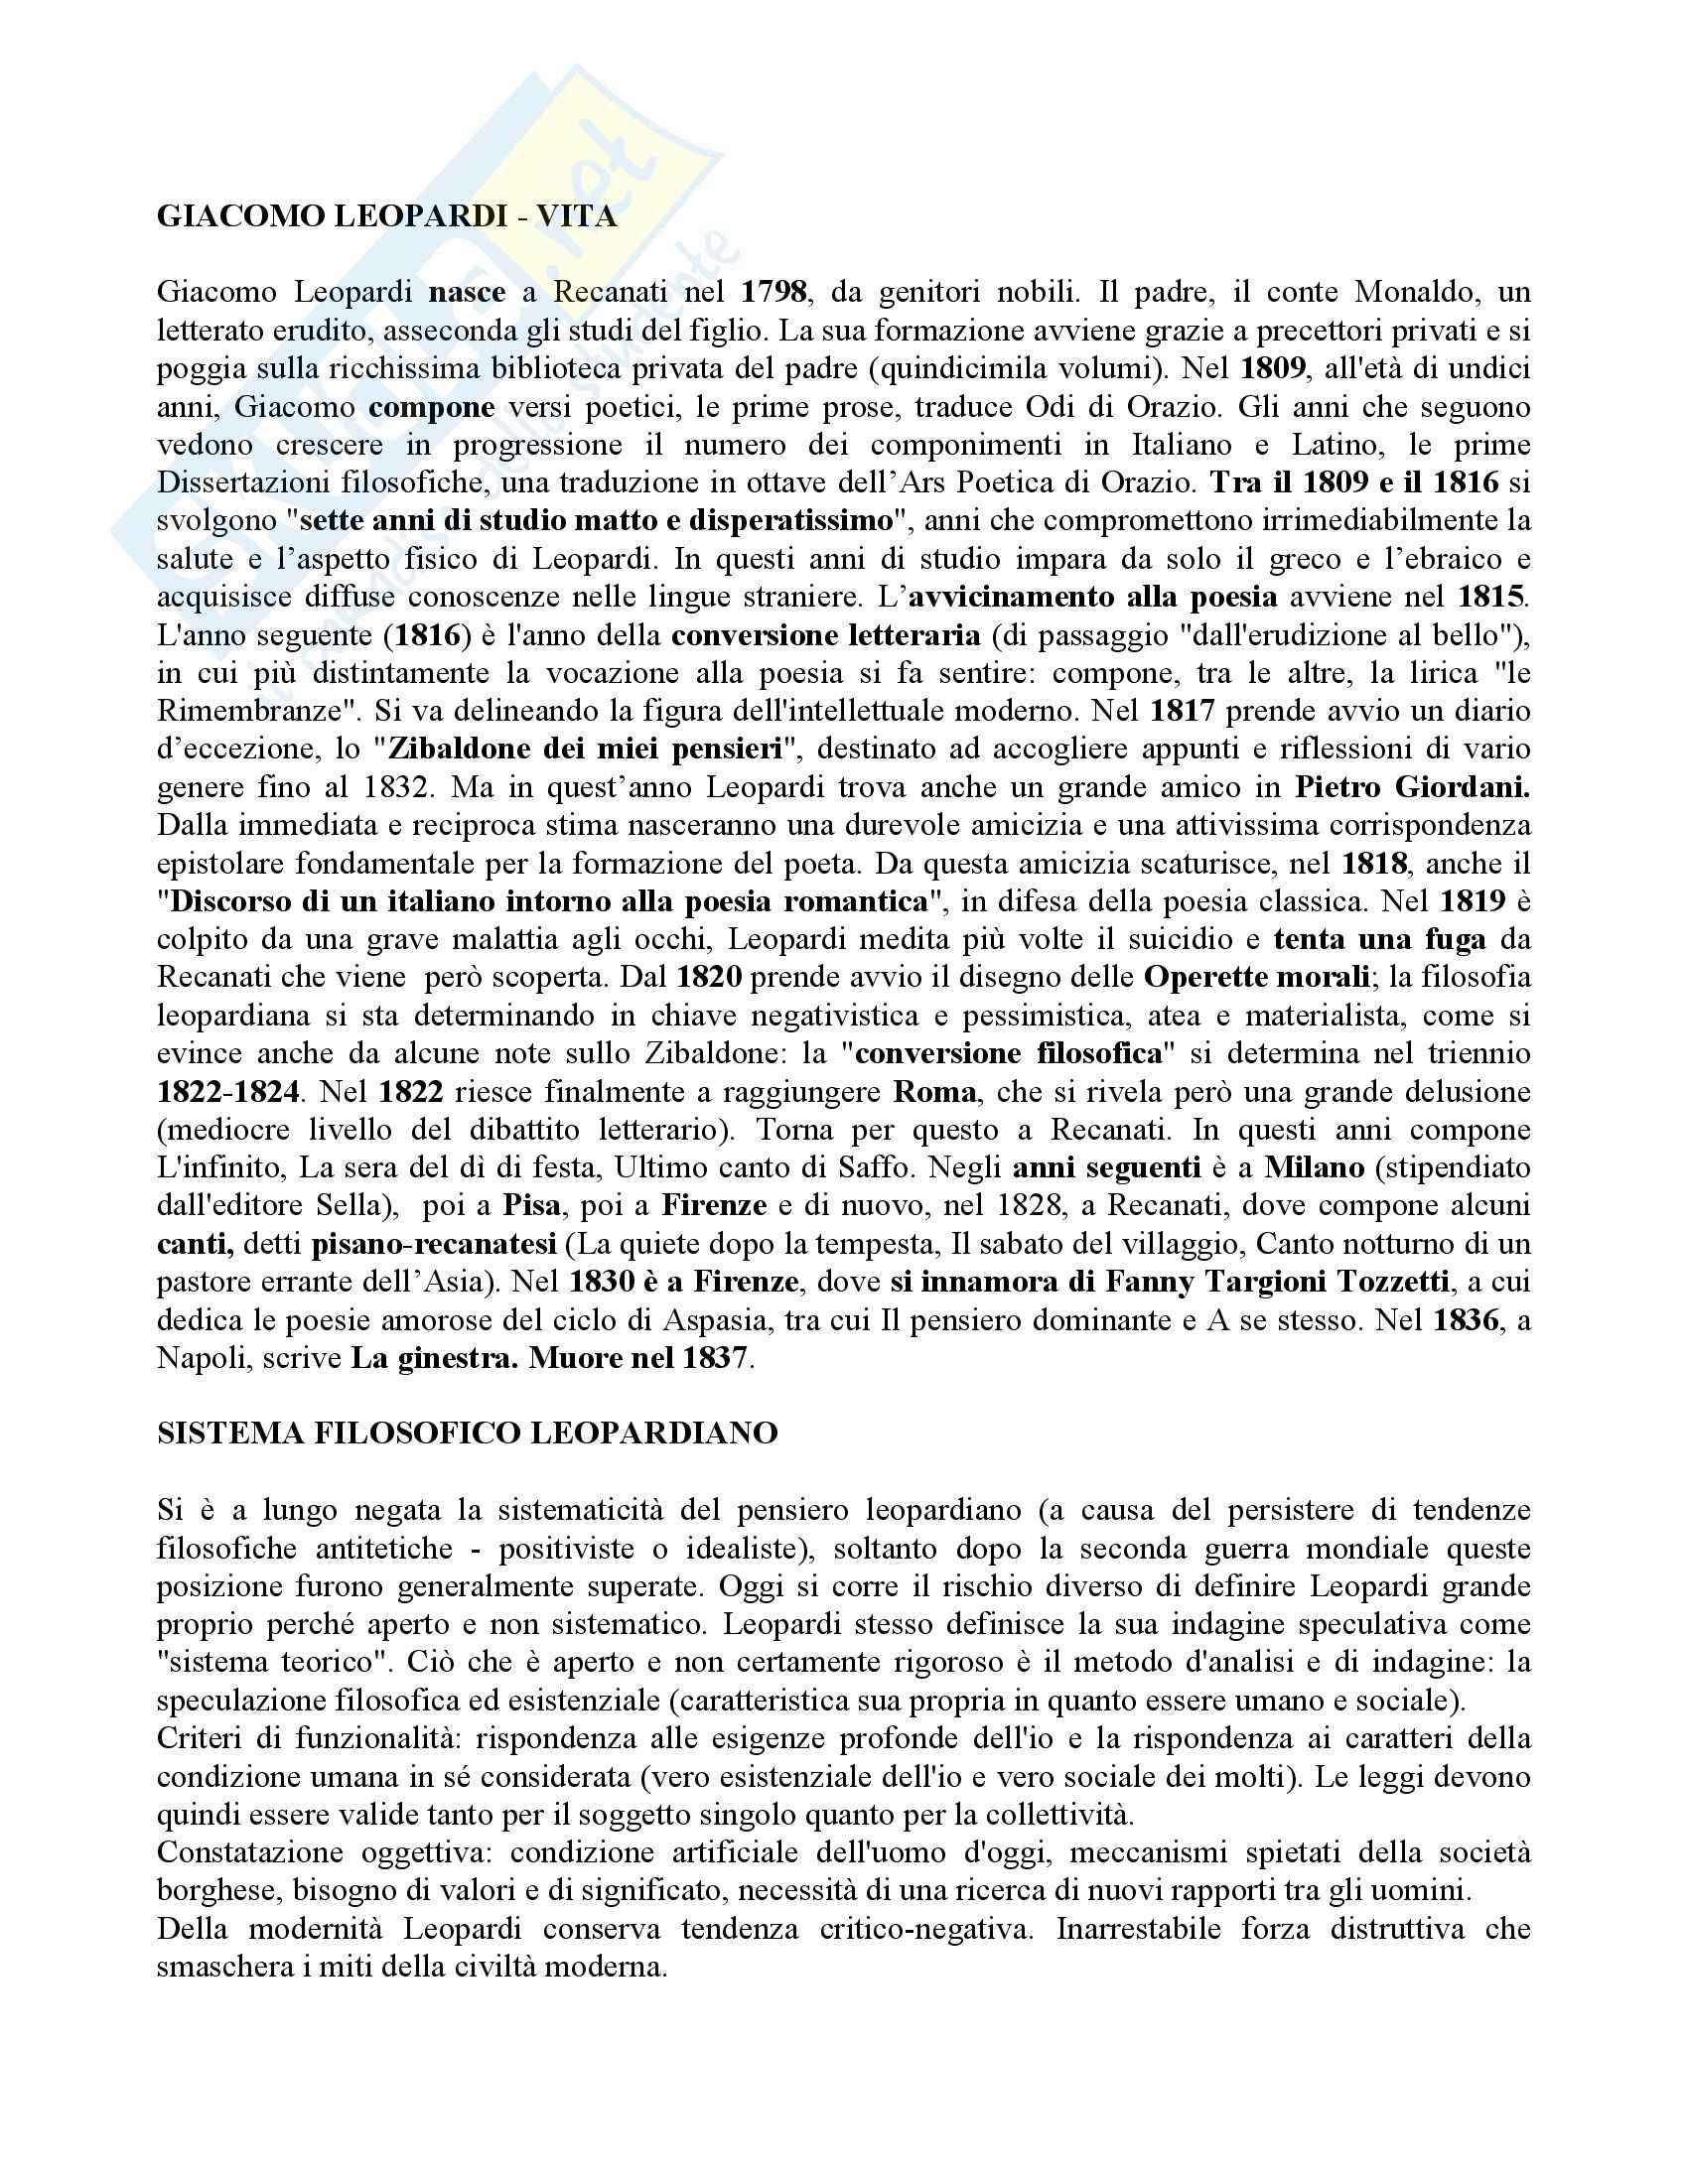 Letteratura italiana - Giacomo Leopardi